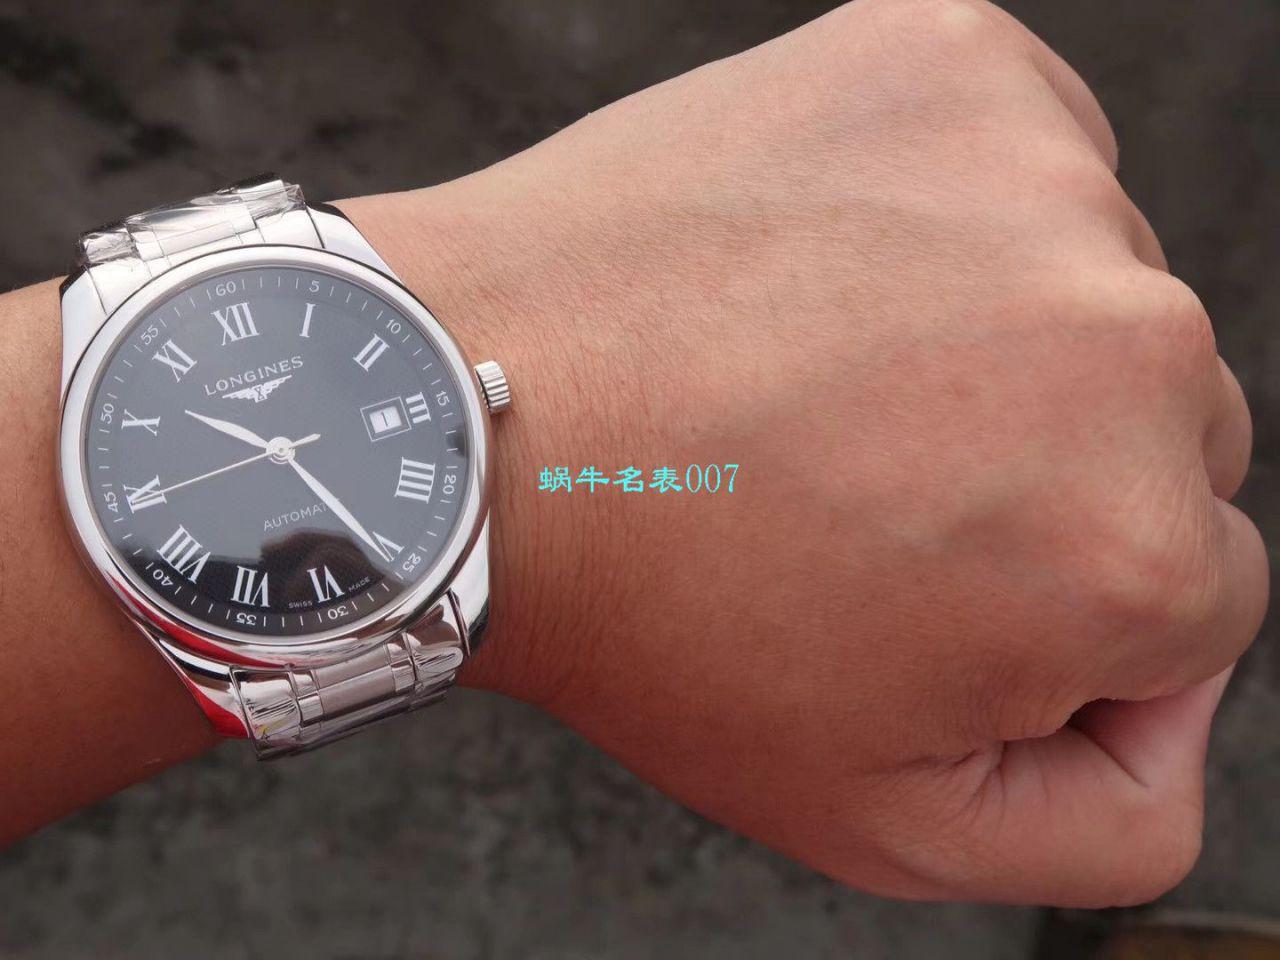 【V9厂1:1超A精仿手表】浪琴名匠系列L2.793.5.57.7腕表 / L133